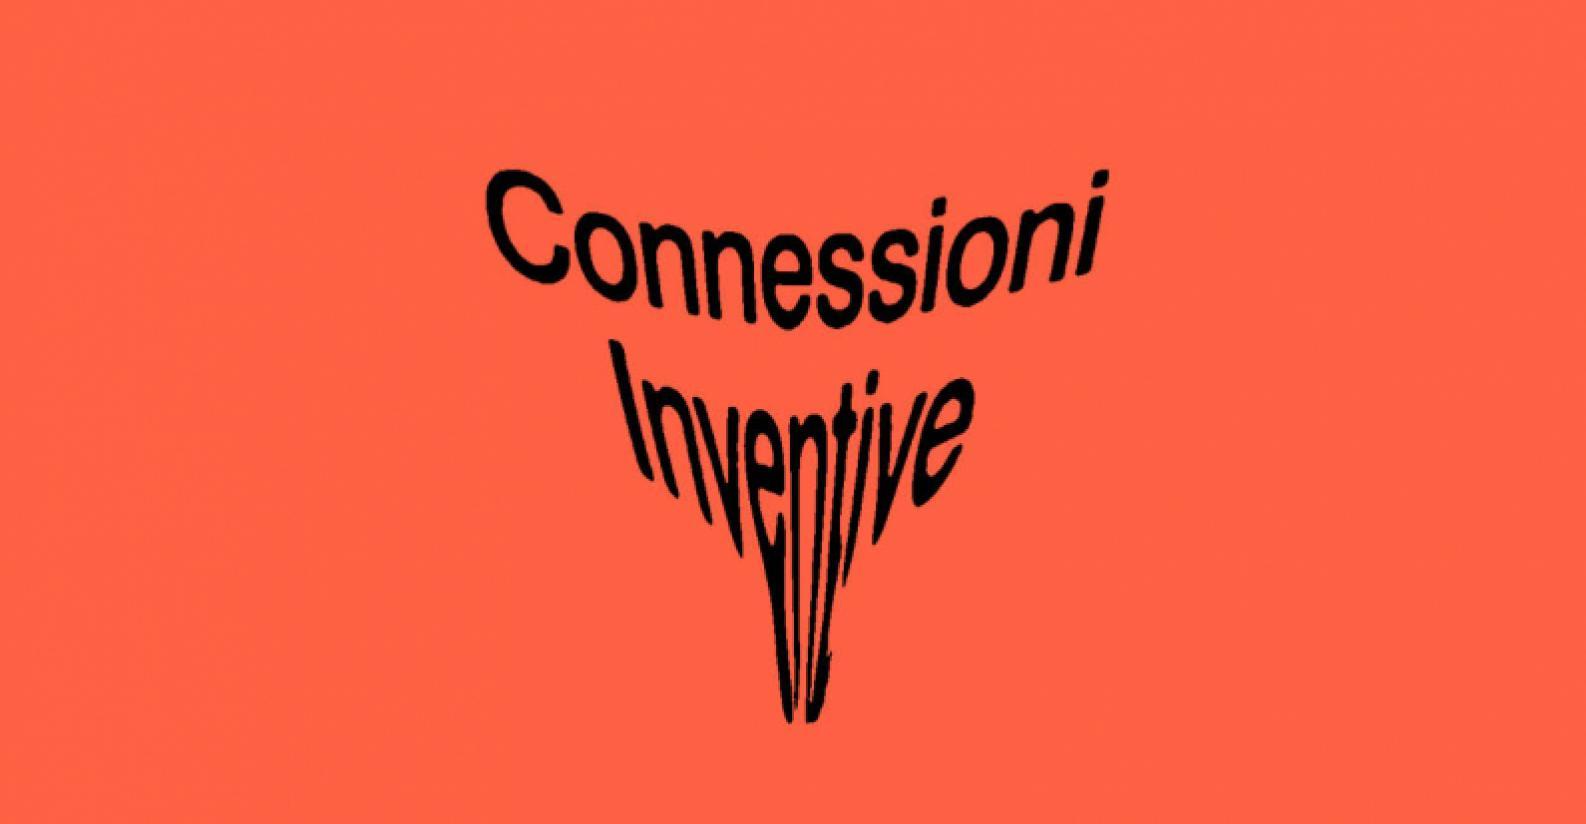 connessioni_inventive_man_nuoro